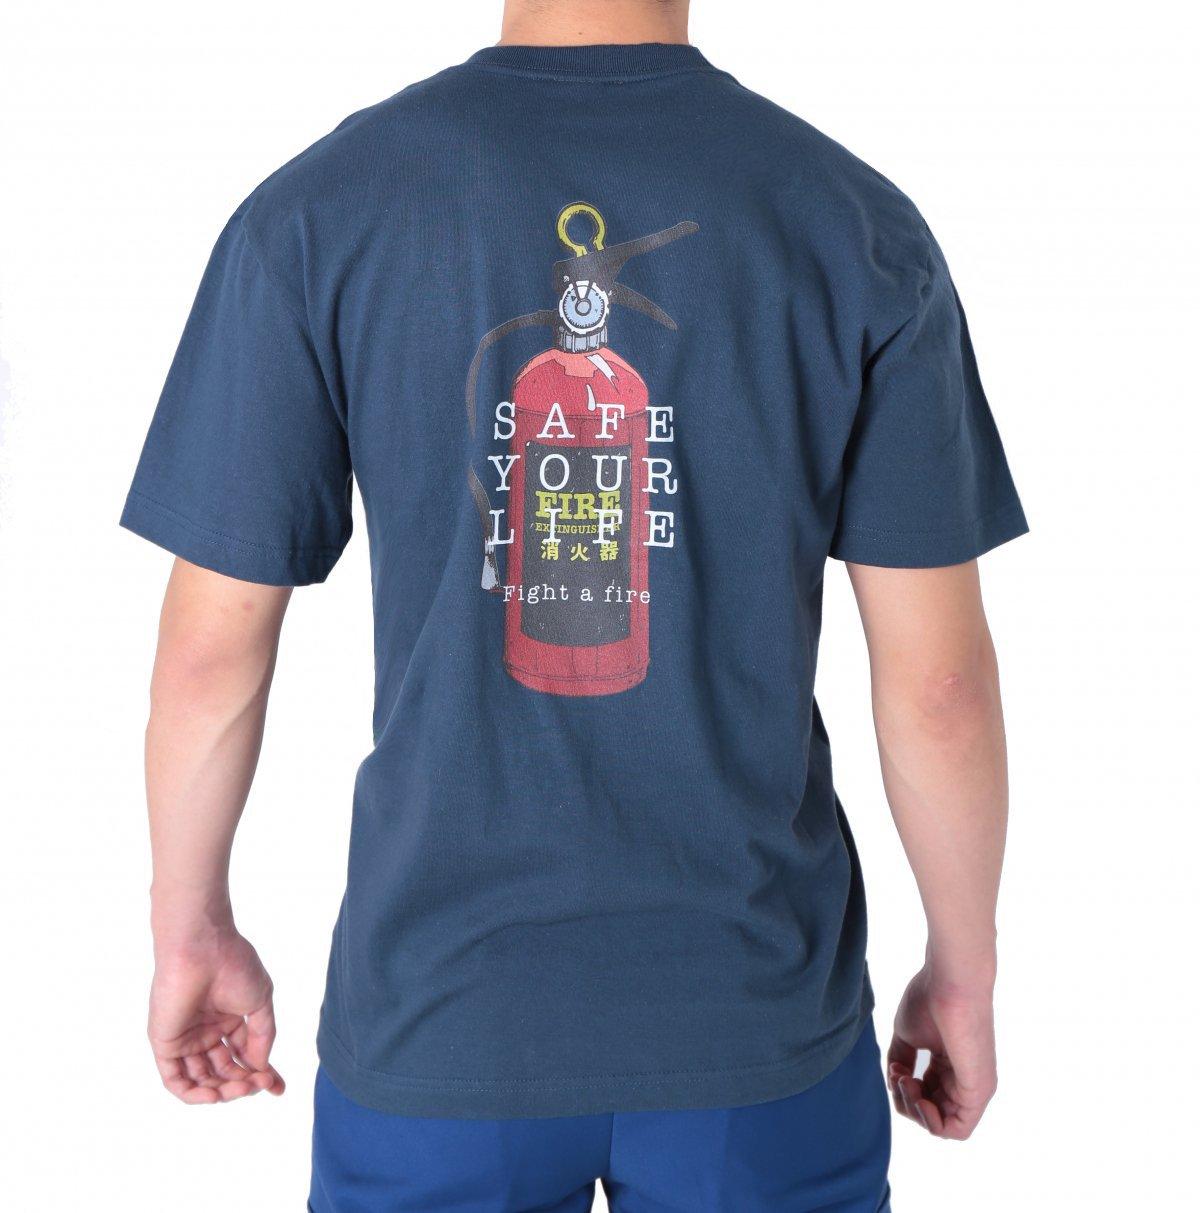 消火器デザインTシャツ